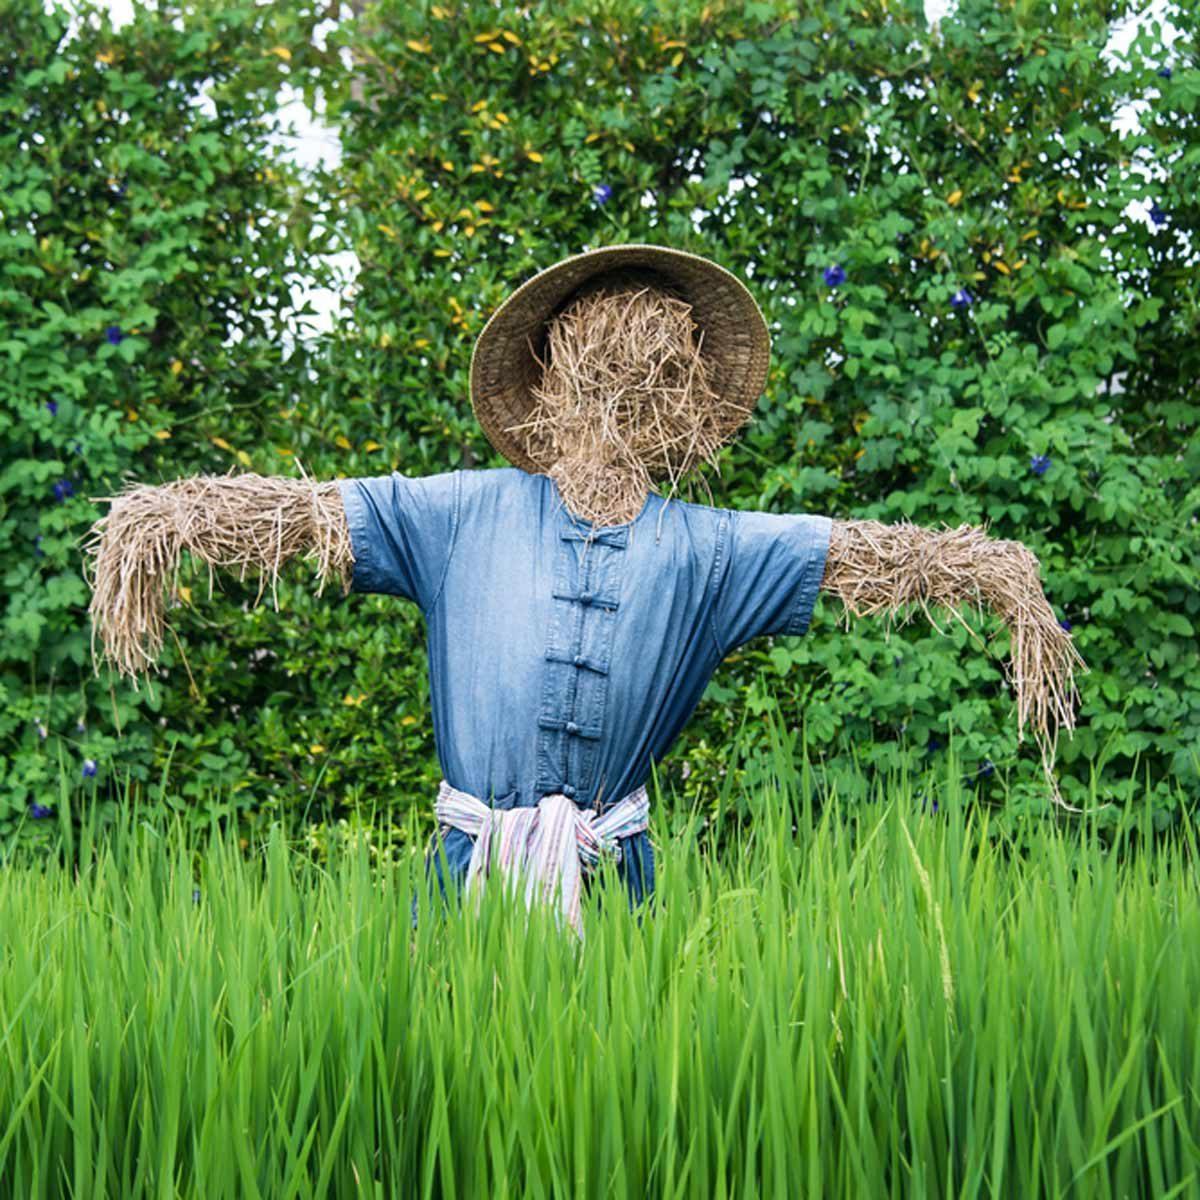 faceless scarecrow